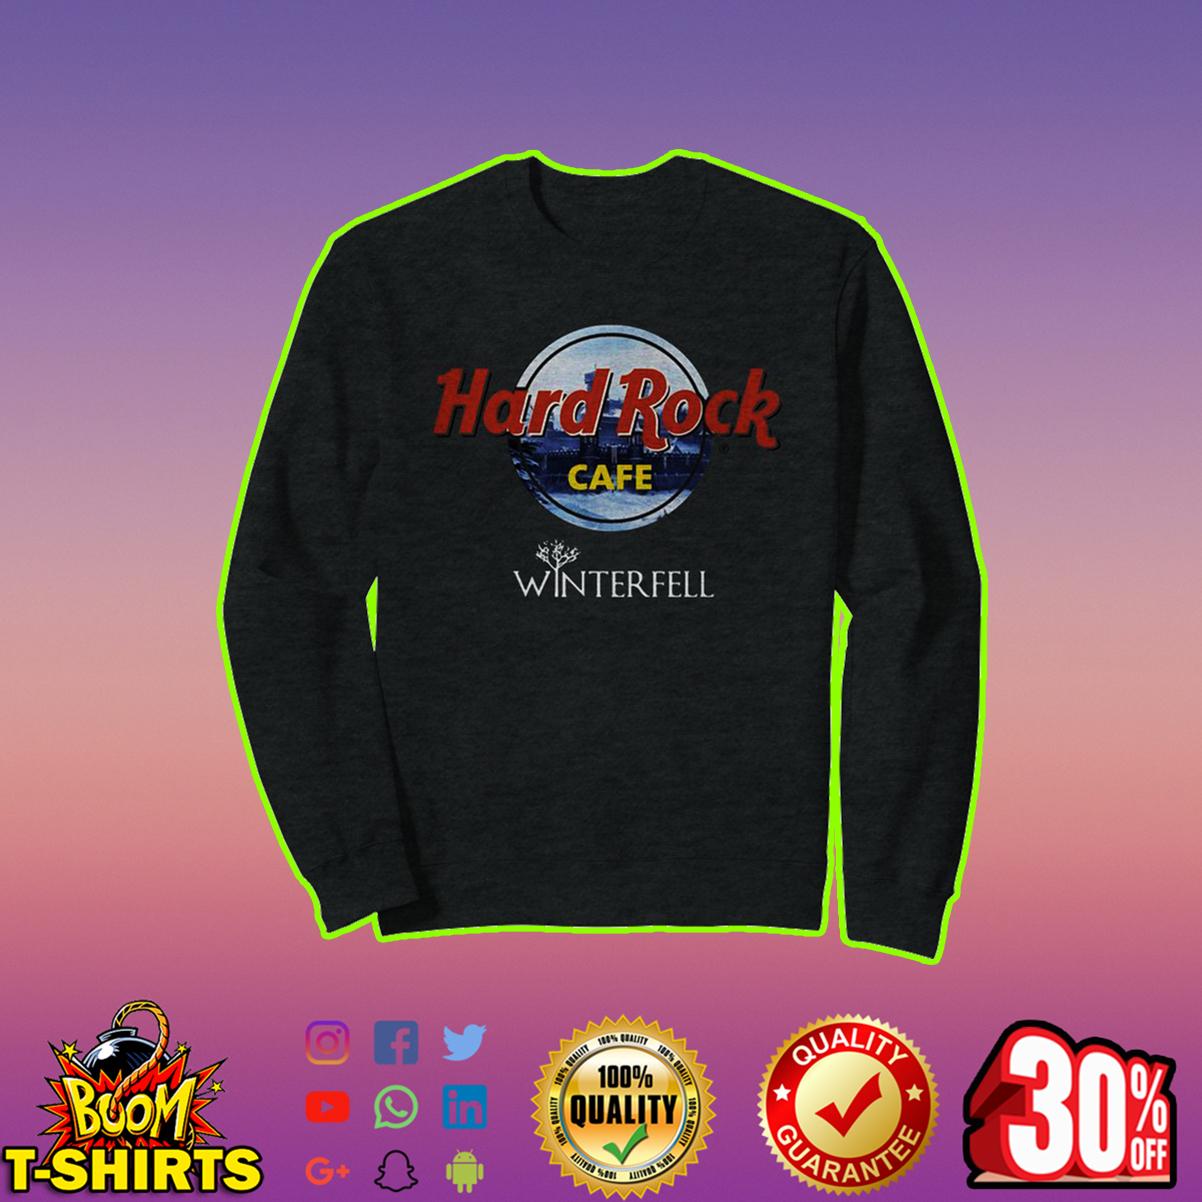 Hard Rock Cafe Winterfell sweatshirt